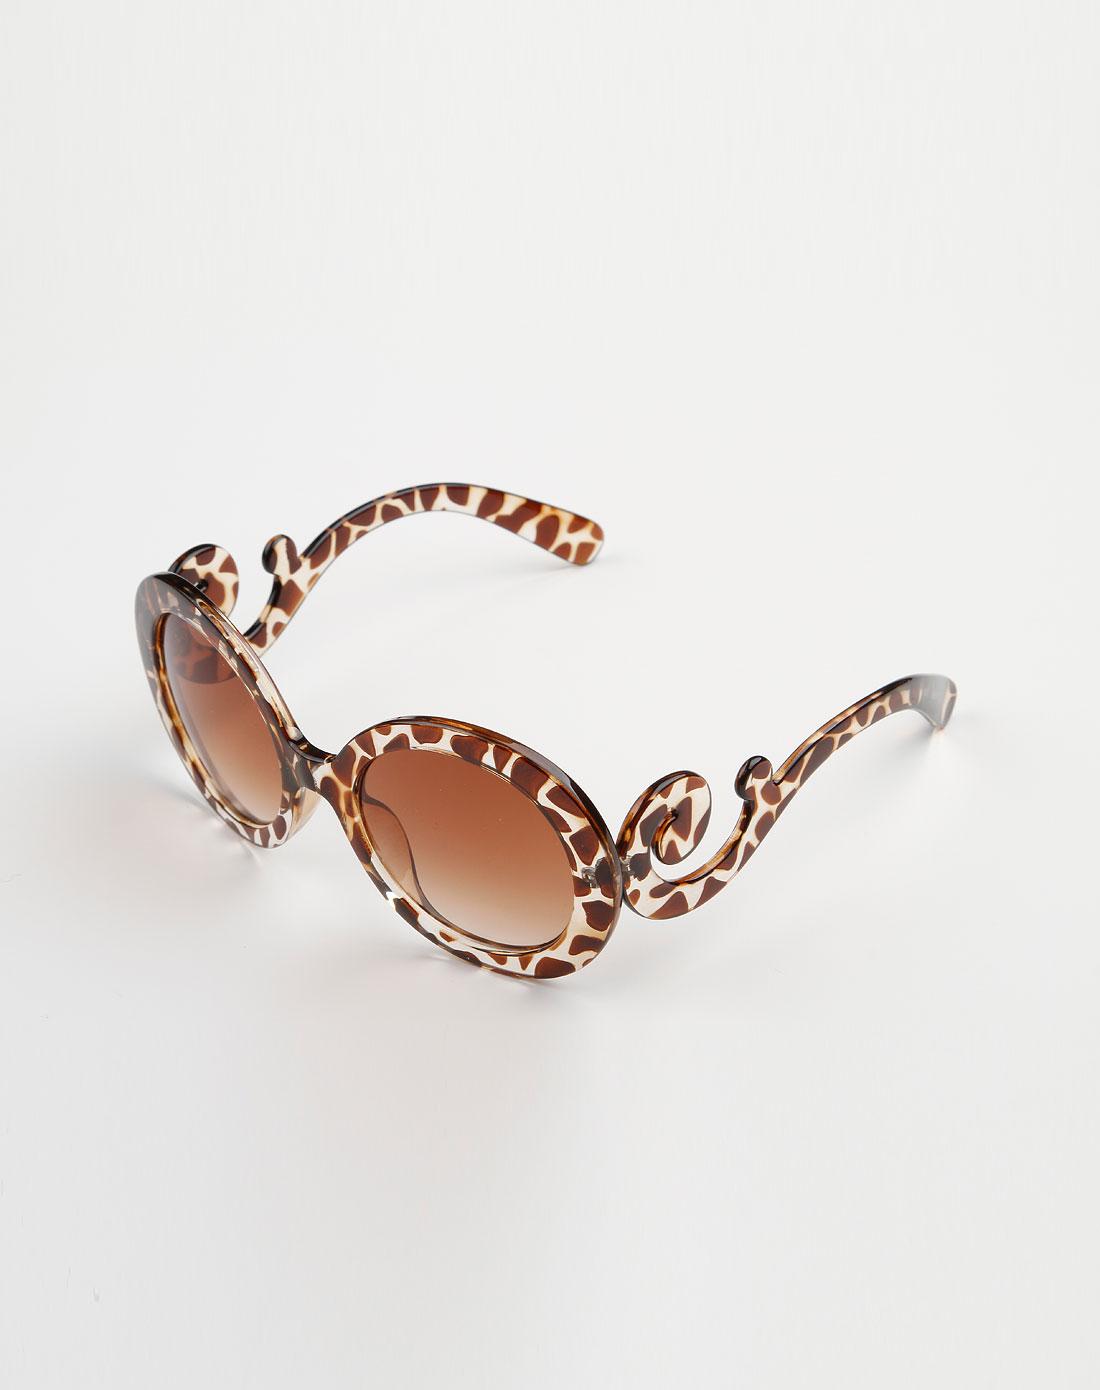 深茶/啡色豹纹圆形可爱眼镜